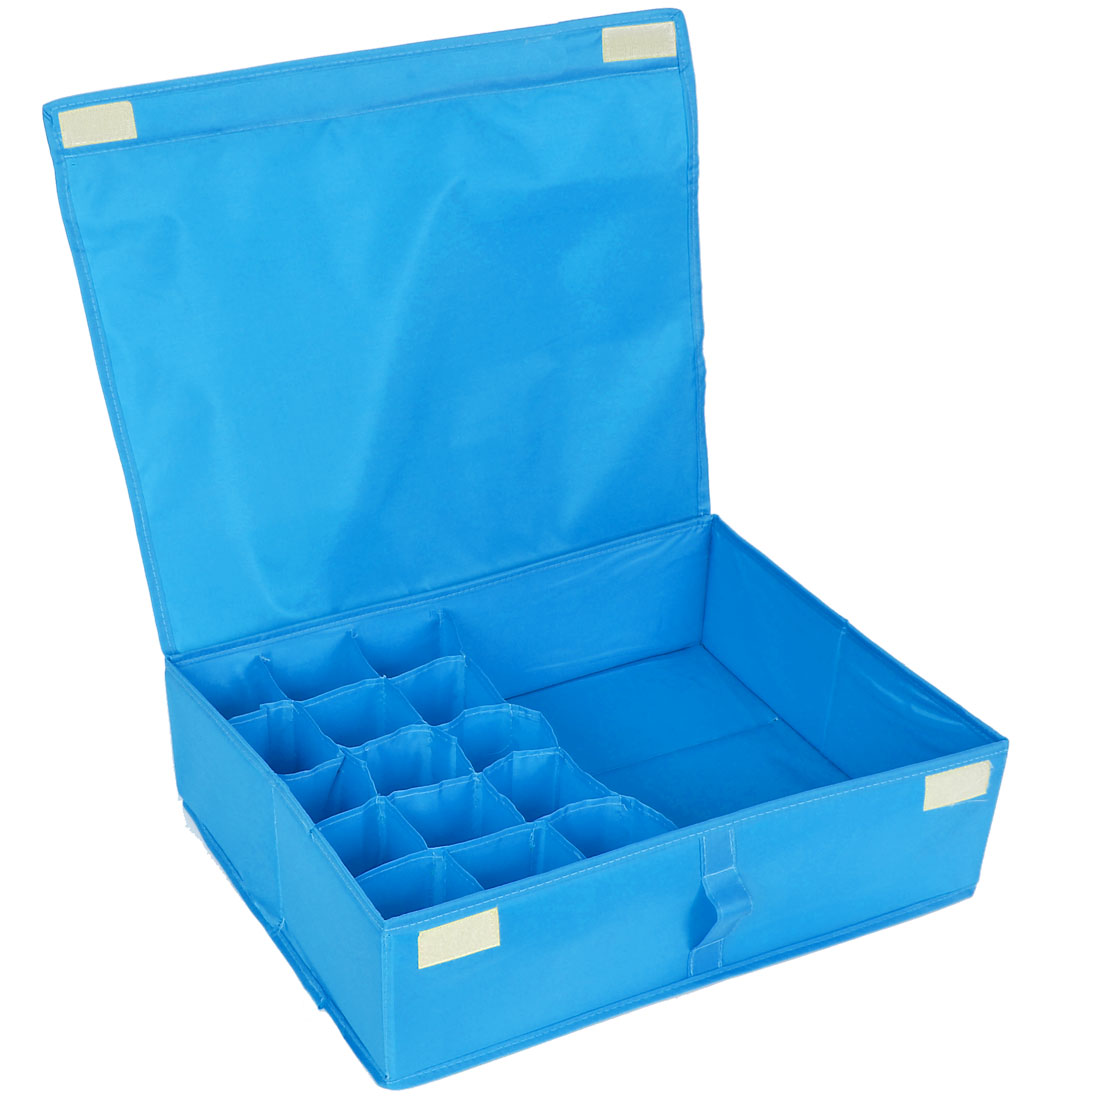 Clothes Briefs Underwear 16 Compartments Organizer Storage Box Bag Blue